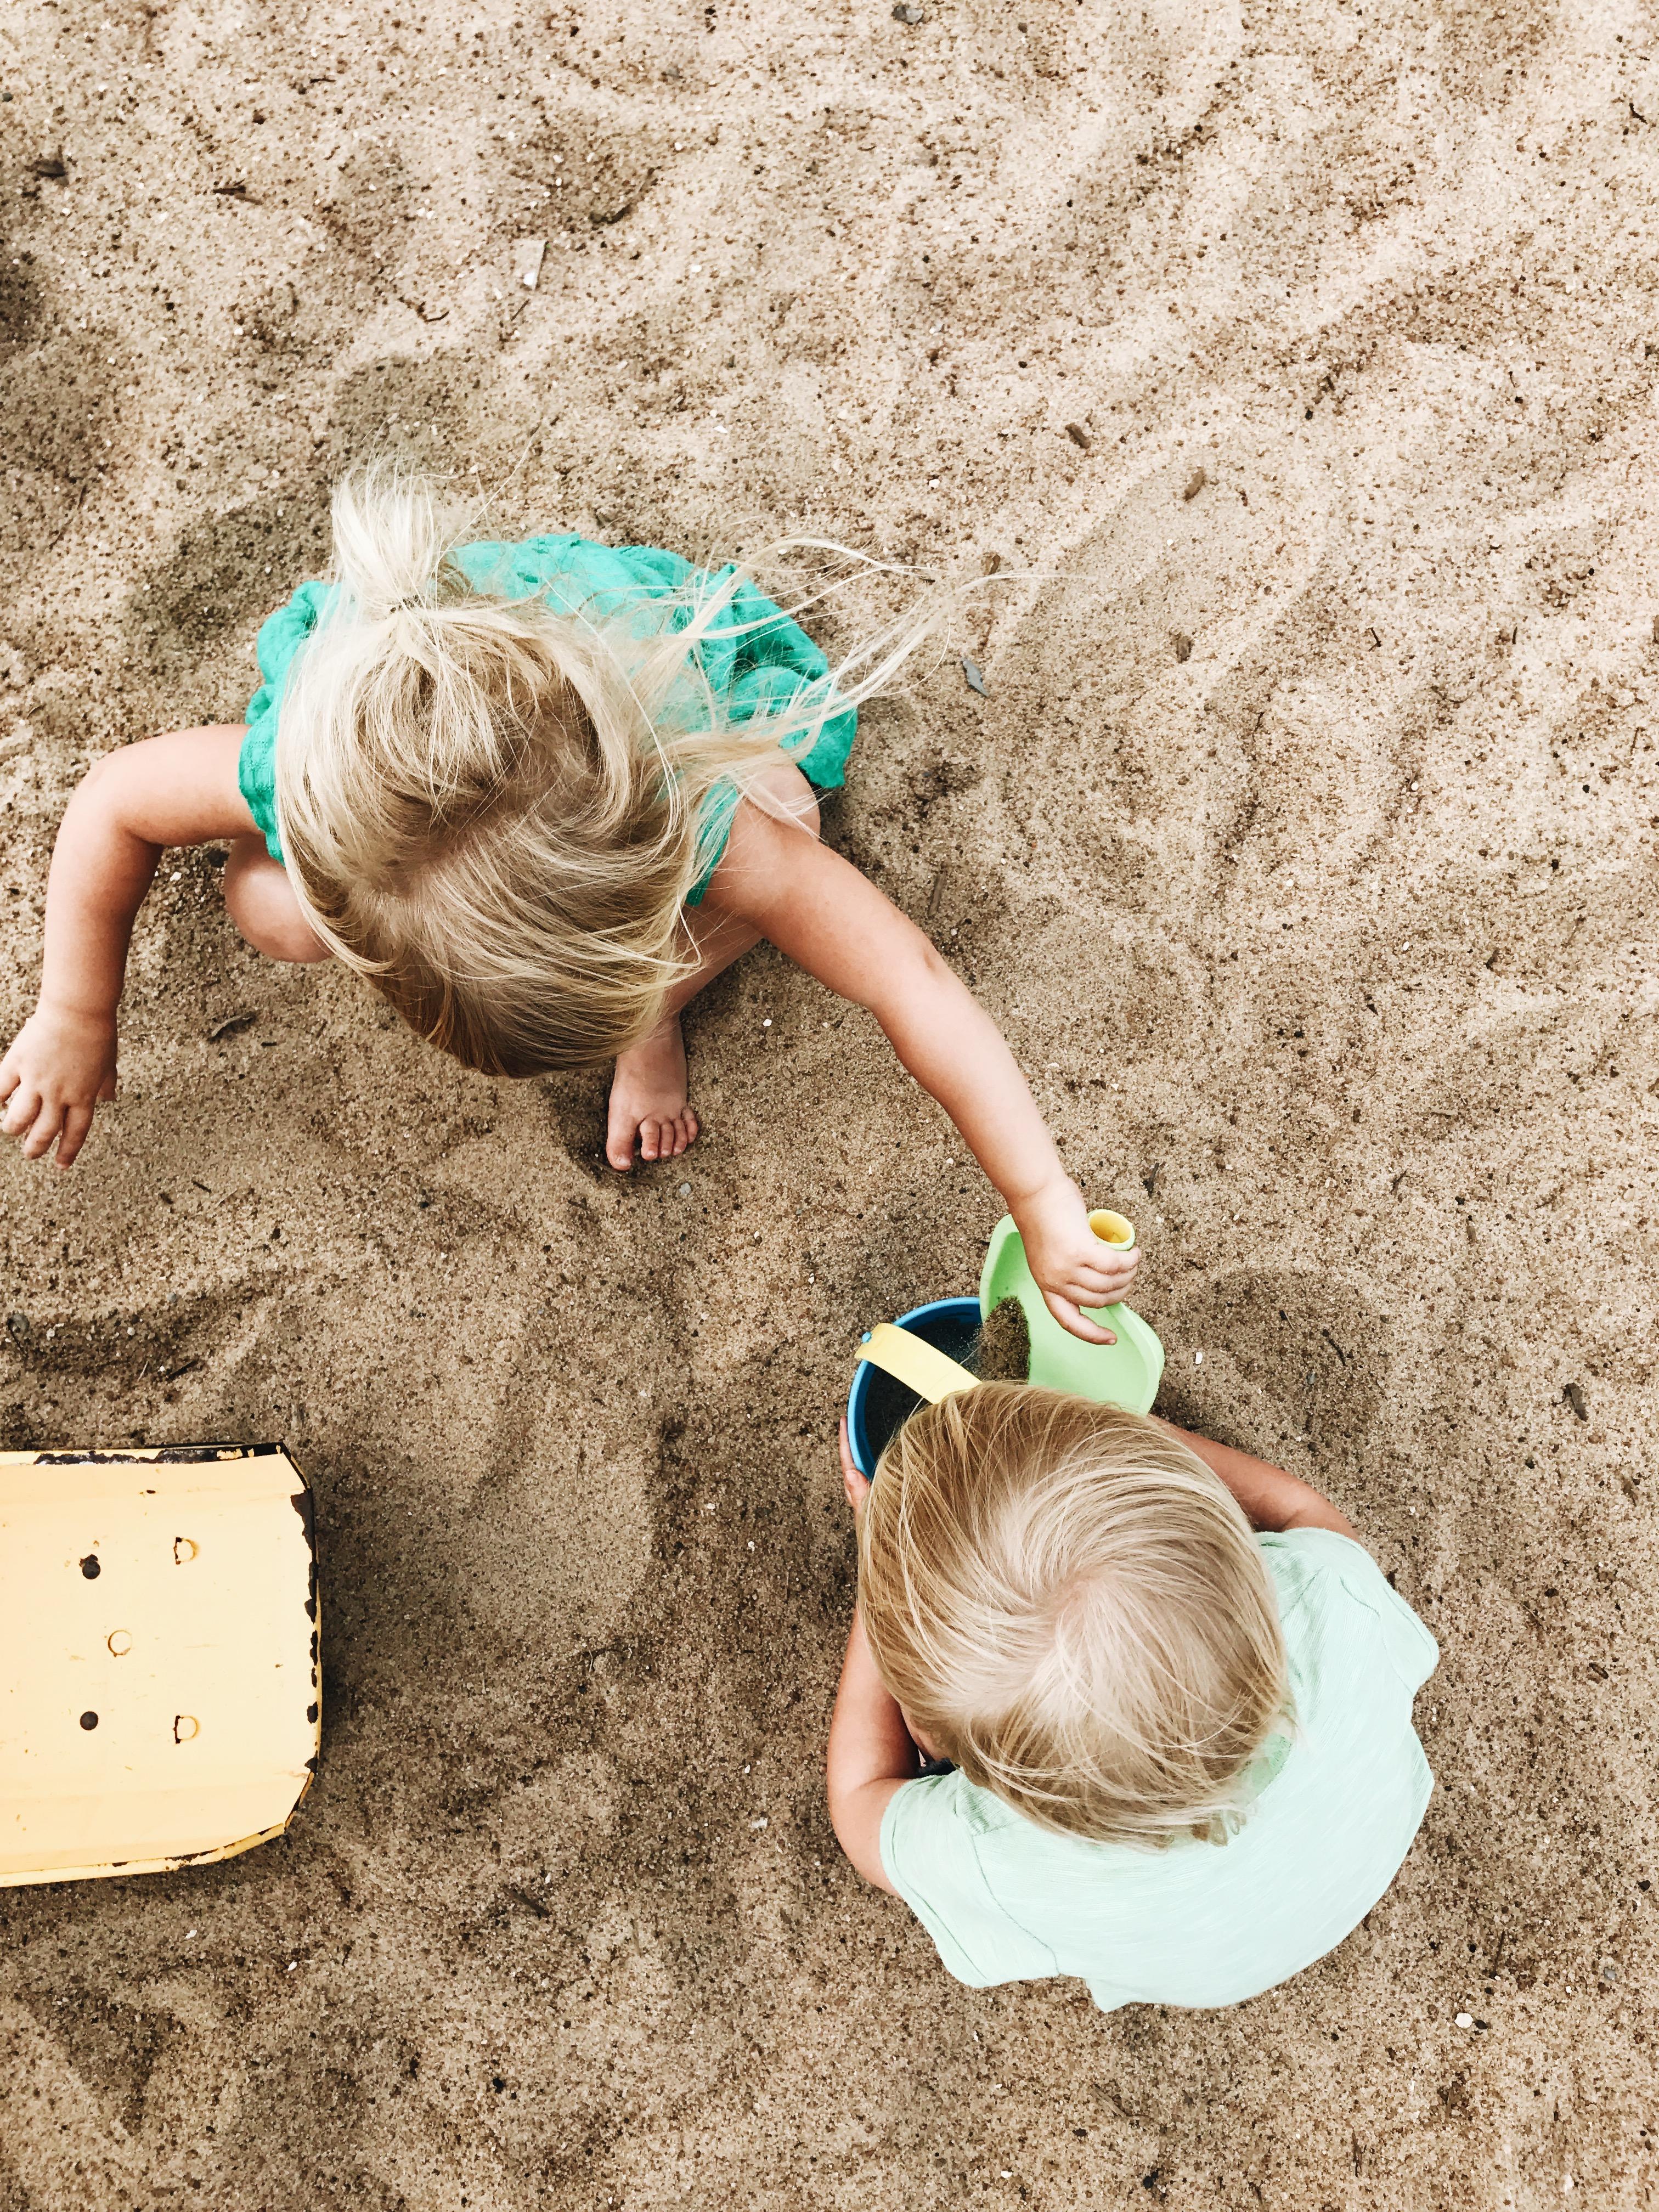 Gremlins in a sandbox